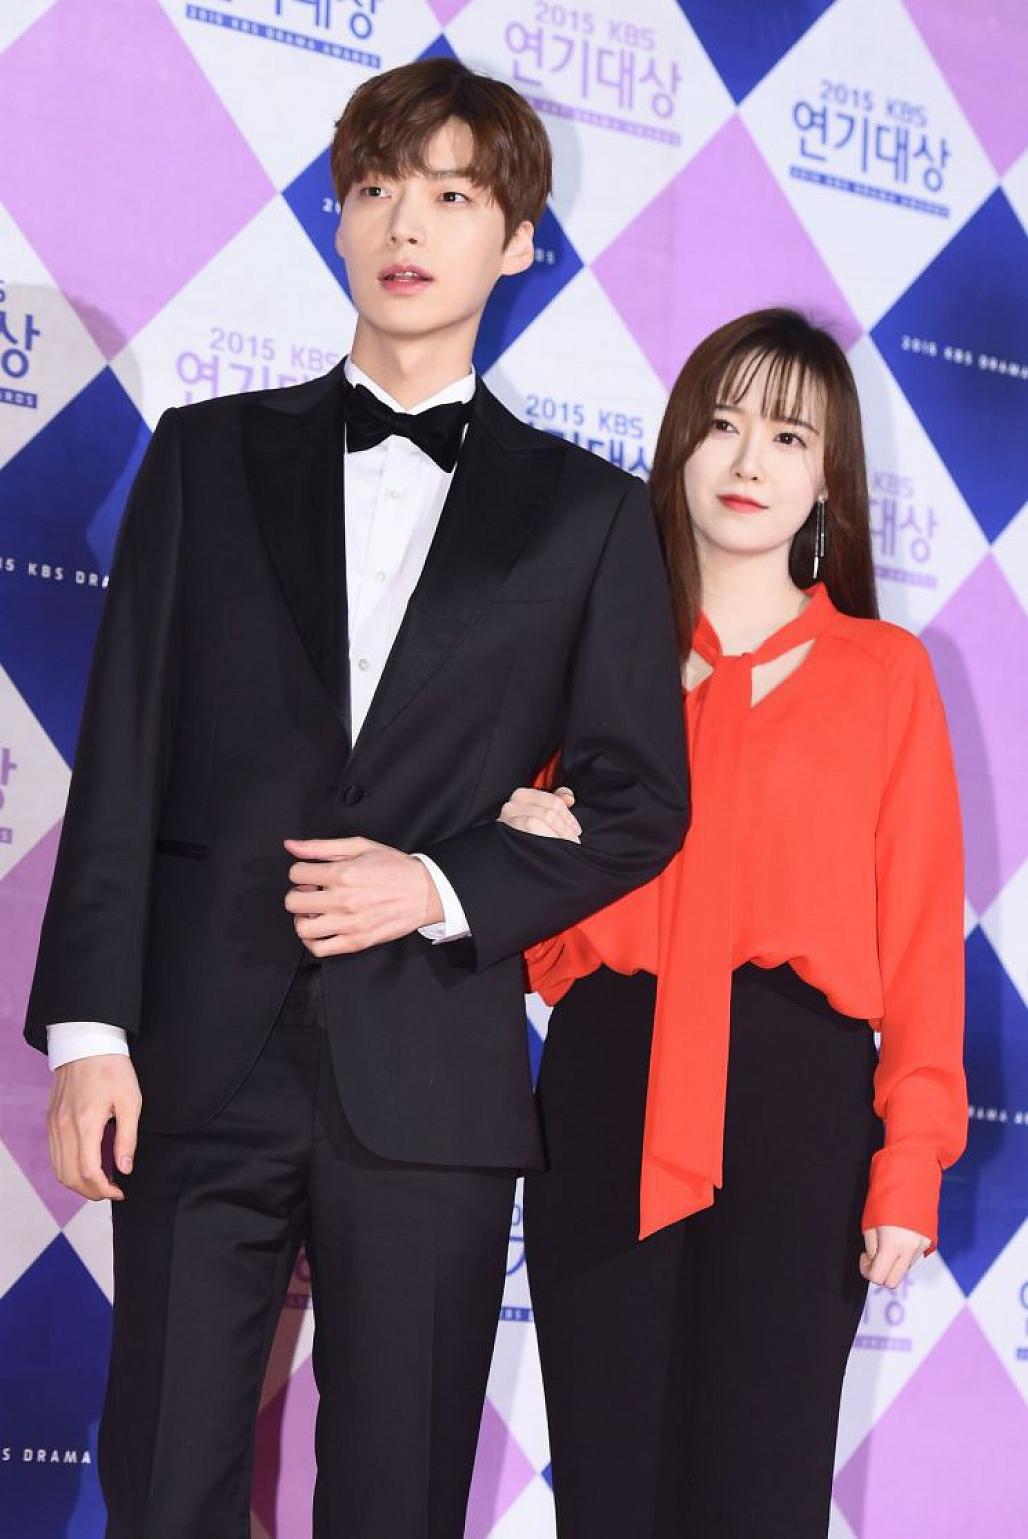 Ahn Jae Hyun chính thức gửi lời xin lỗi sau bao ngày im lặng, tuyên bố sẽ tiết lộ mọi bí mật phía sau cuộc hôn nhân-1